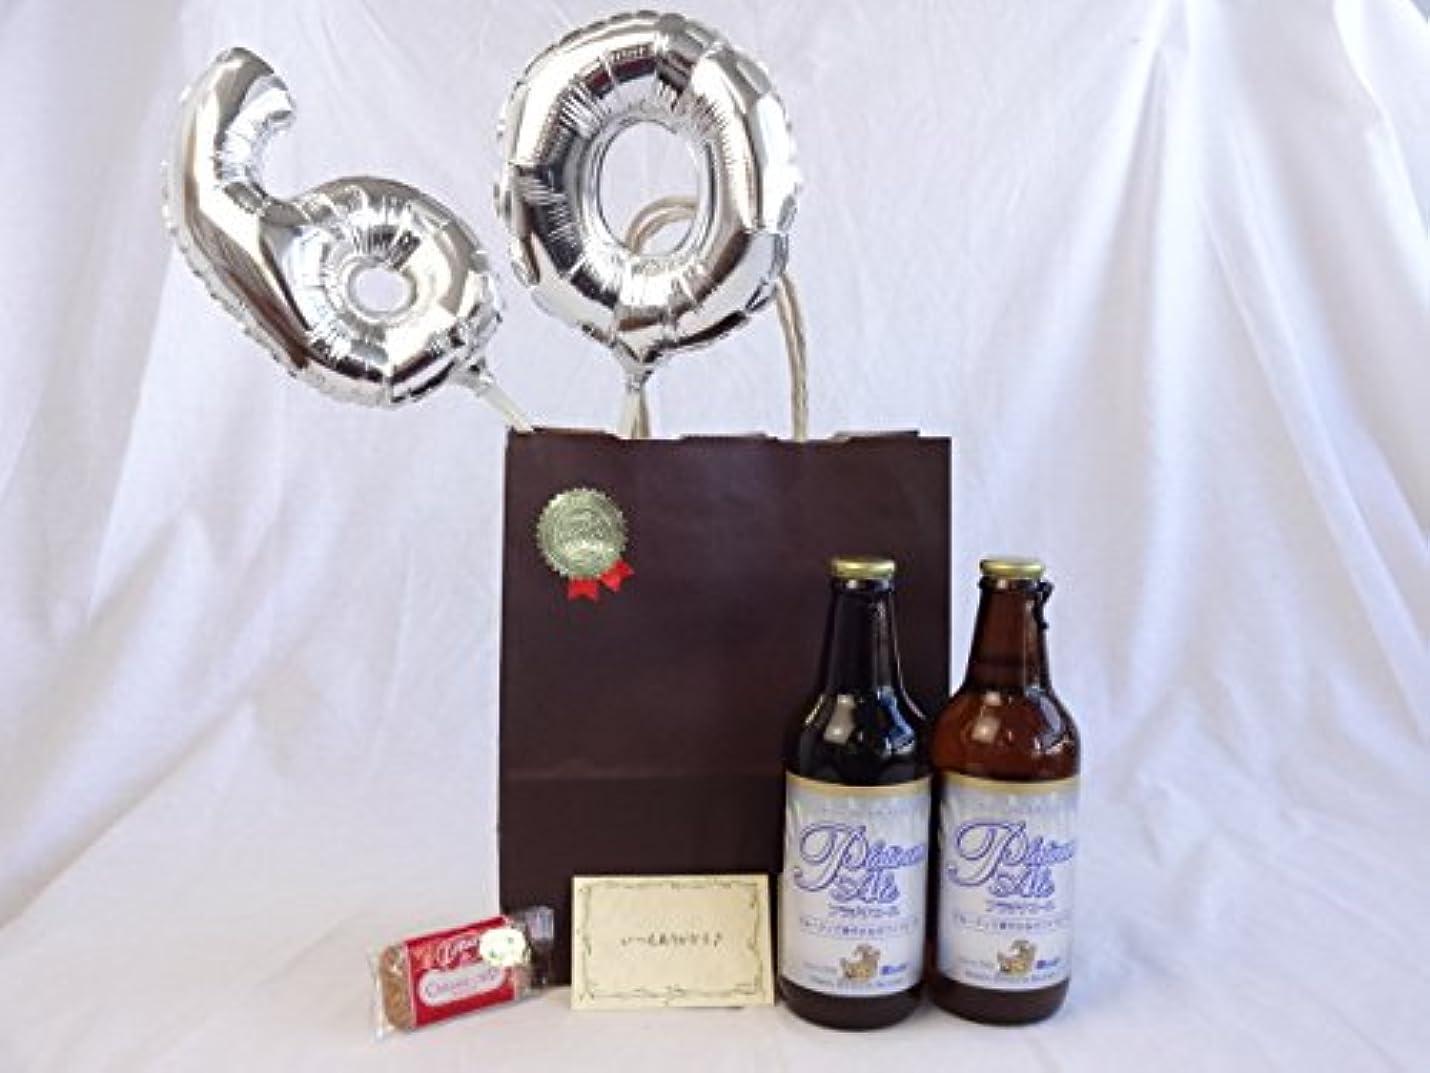 自然南方の合法還暦シルバーバルーン60贈り物セット 金シャチビール プラチナエール 330ml×2 メッセージカード付